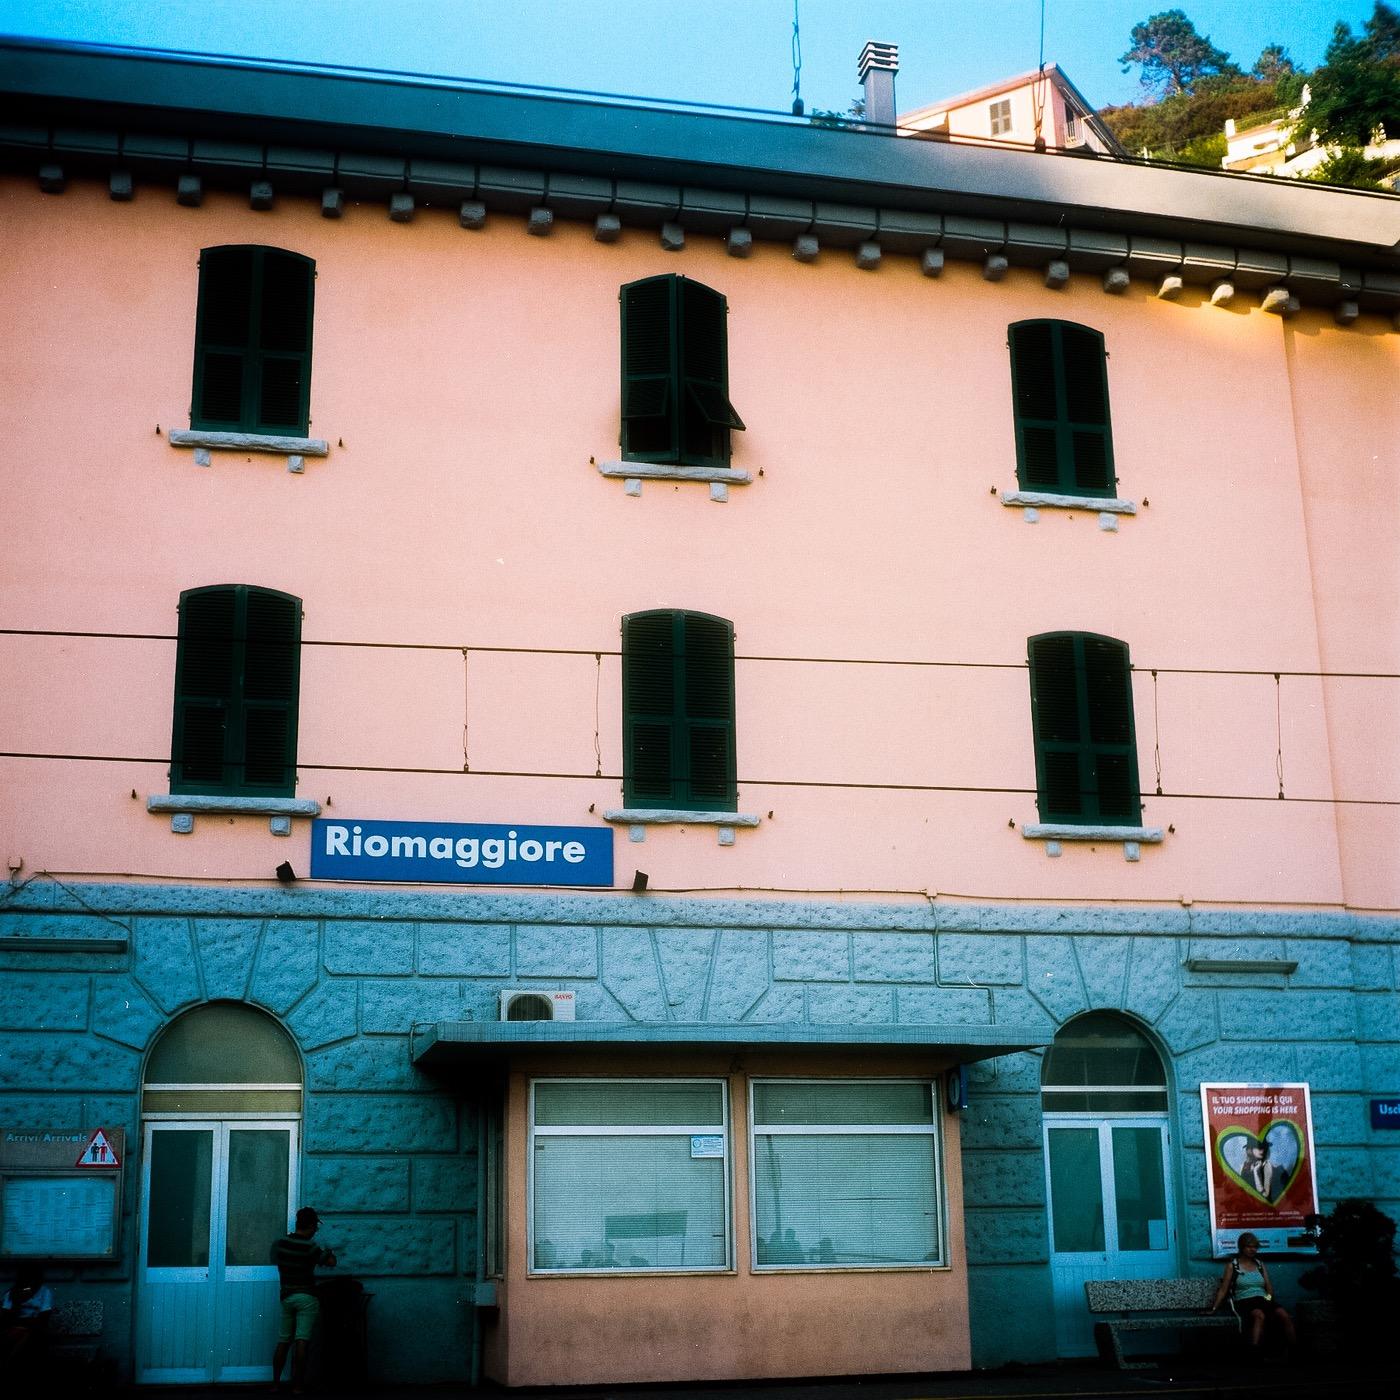 Riomaggiore train station